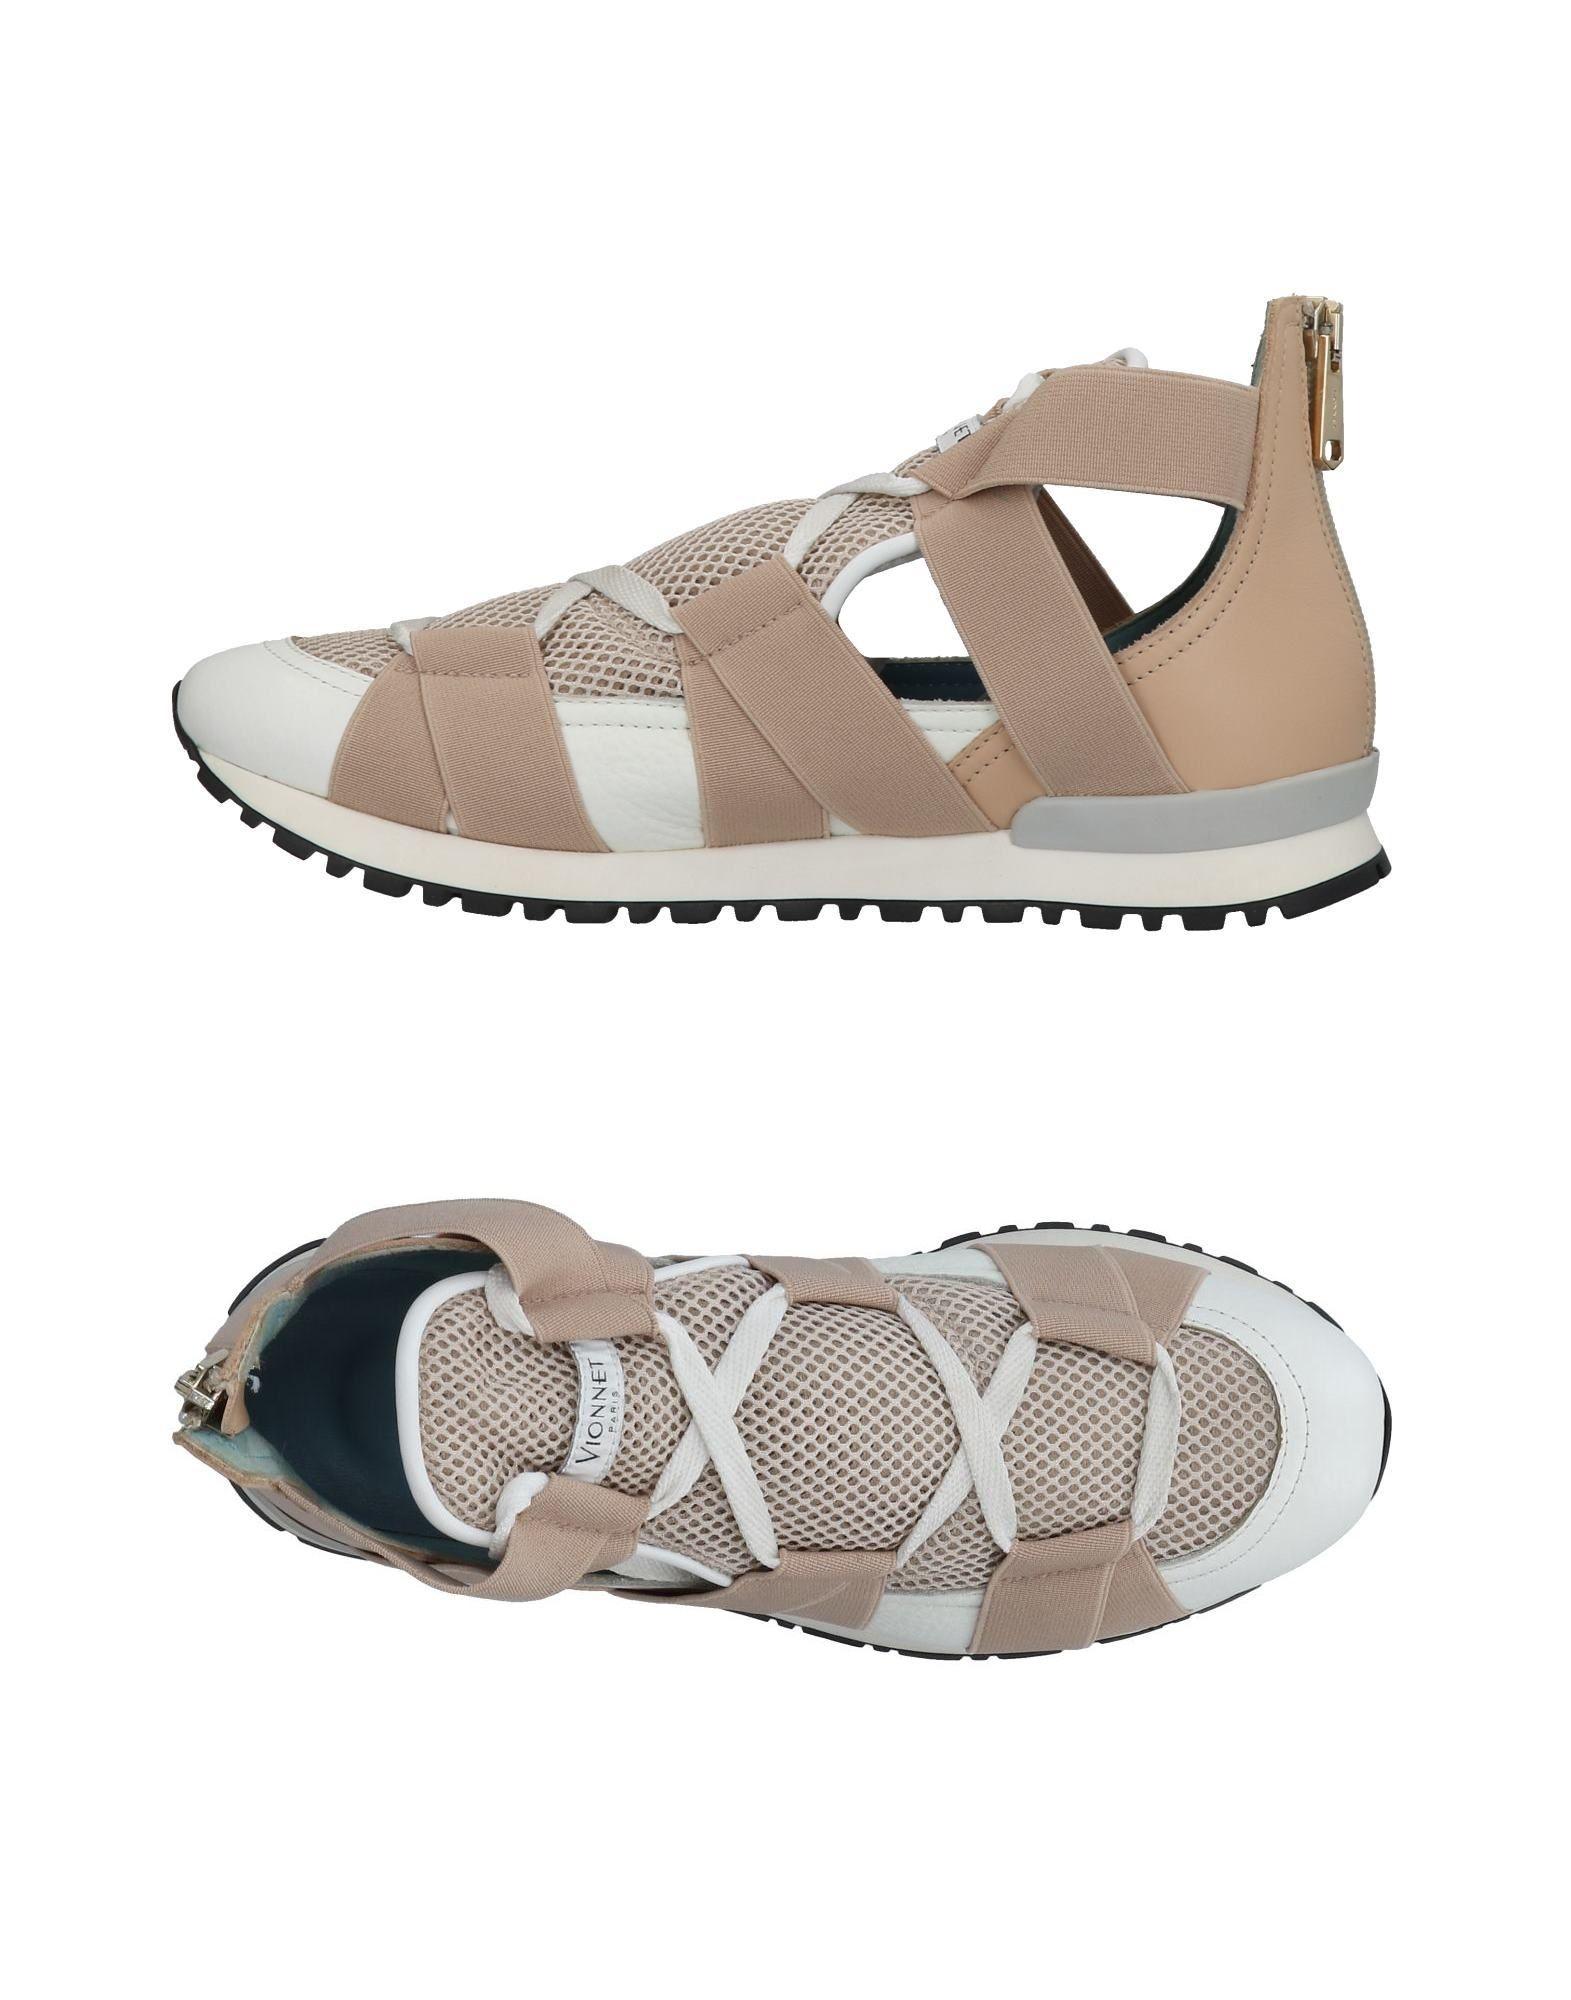 Stilvolle billige Sneakers Schuhe Vionnet Sneakers billige Damen  11115144PS ae891f